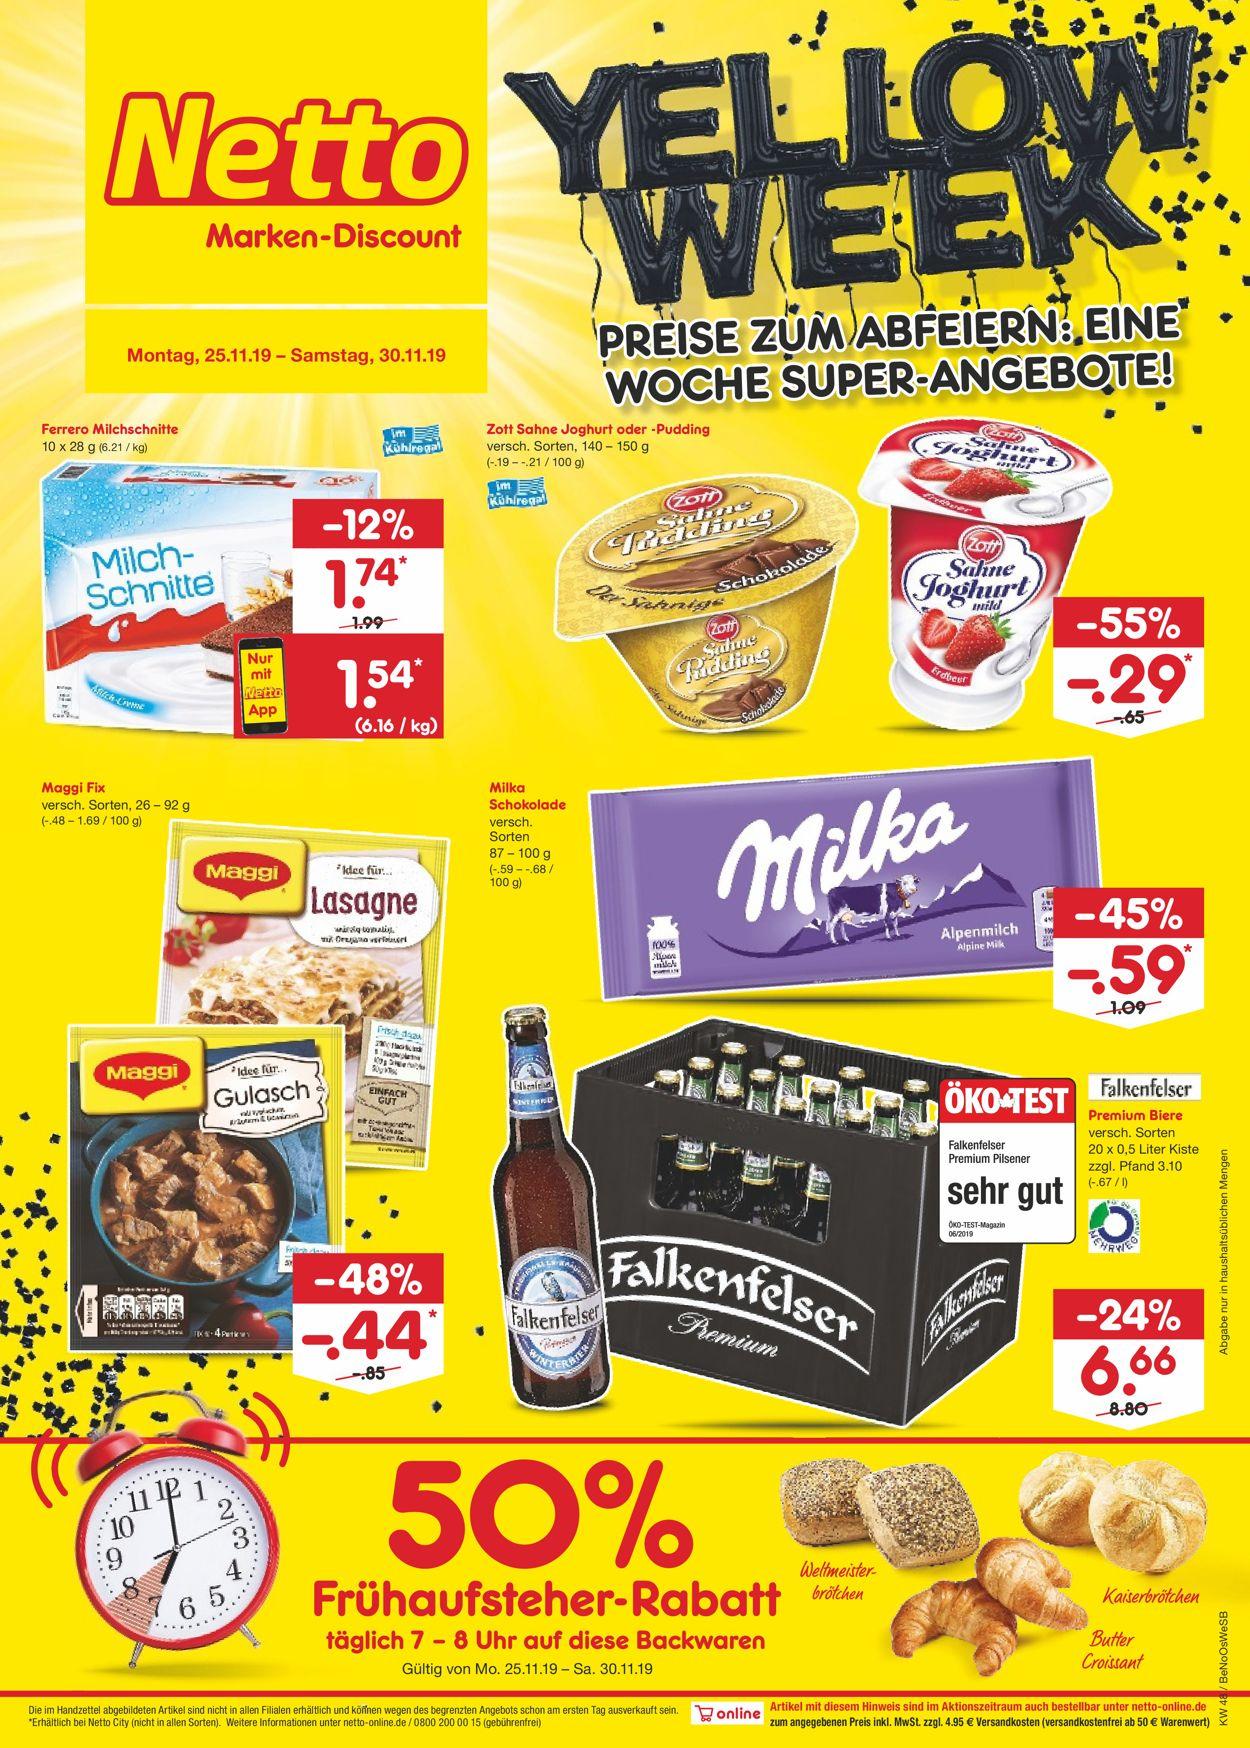 Netto Marken-Discount - Yellow Week 2019 Prospekt - Aktuell vom 25.11-30.11.2019